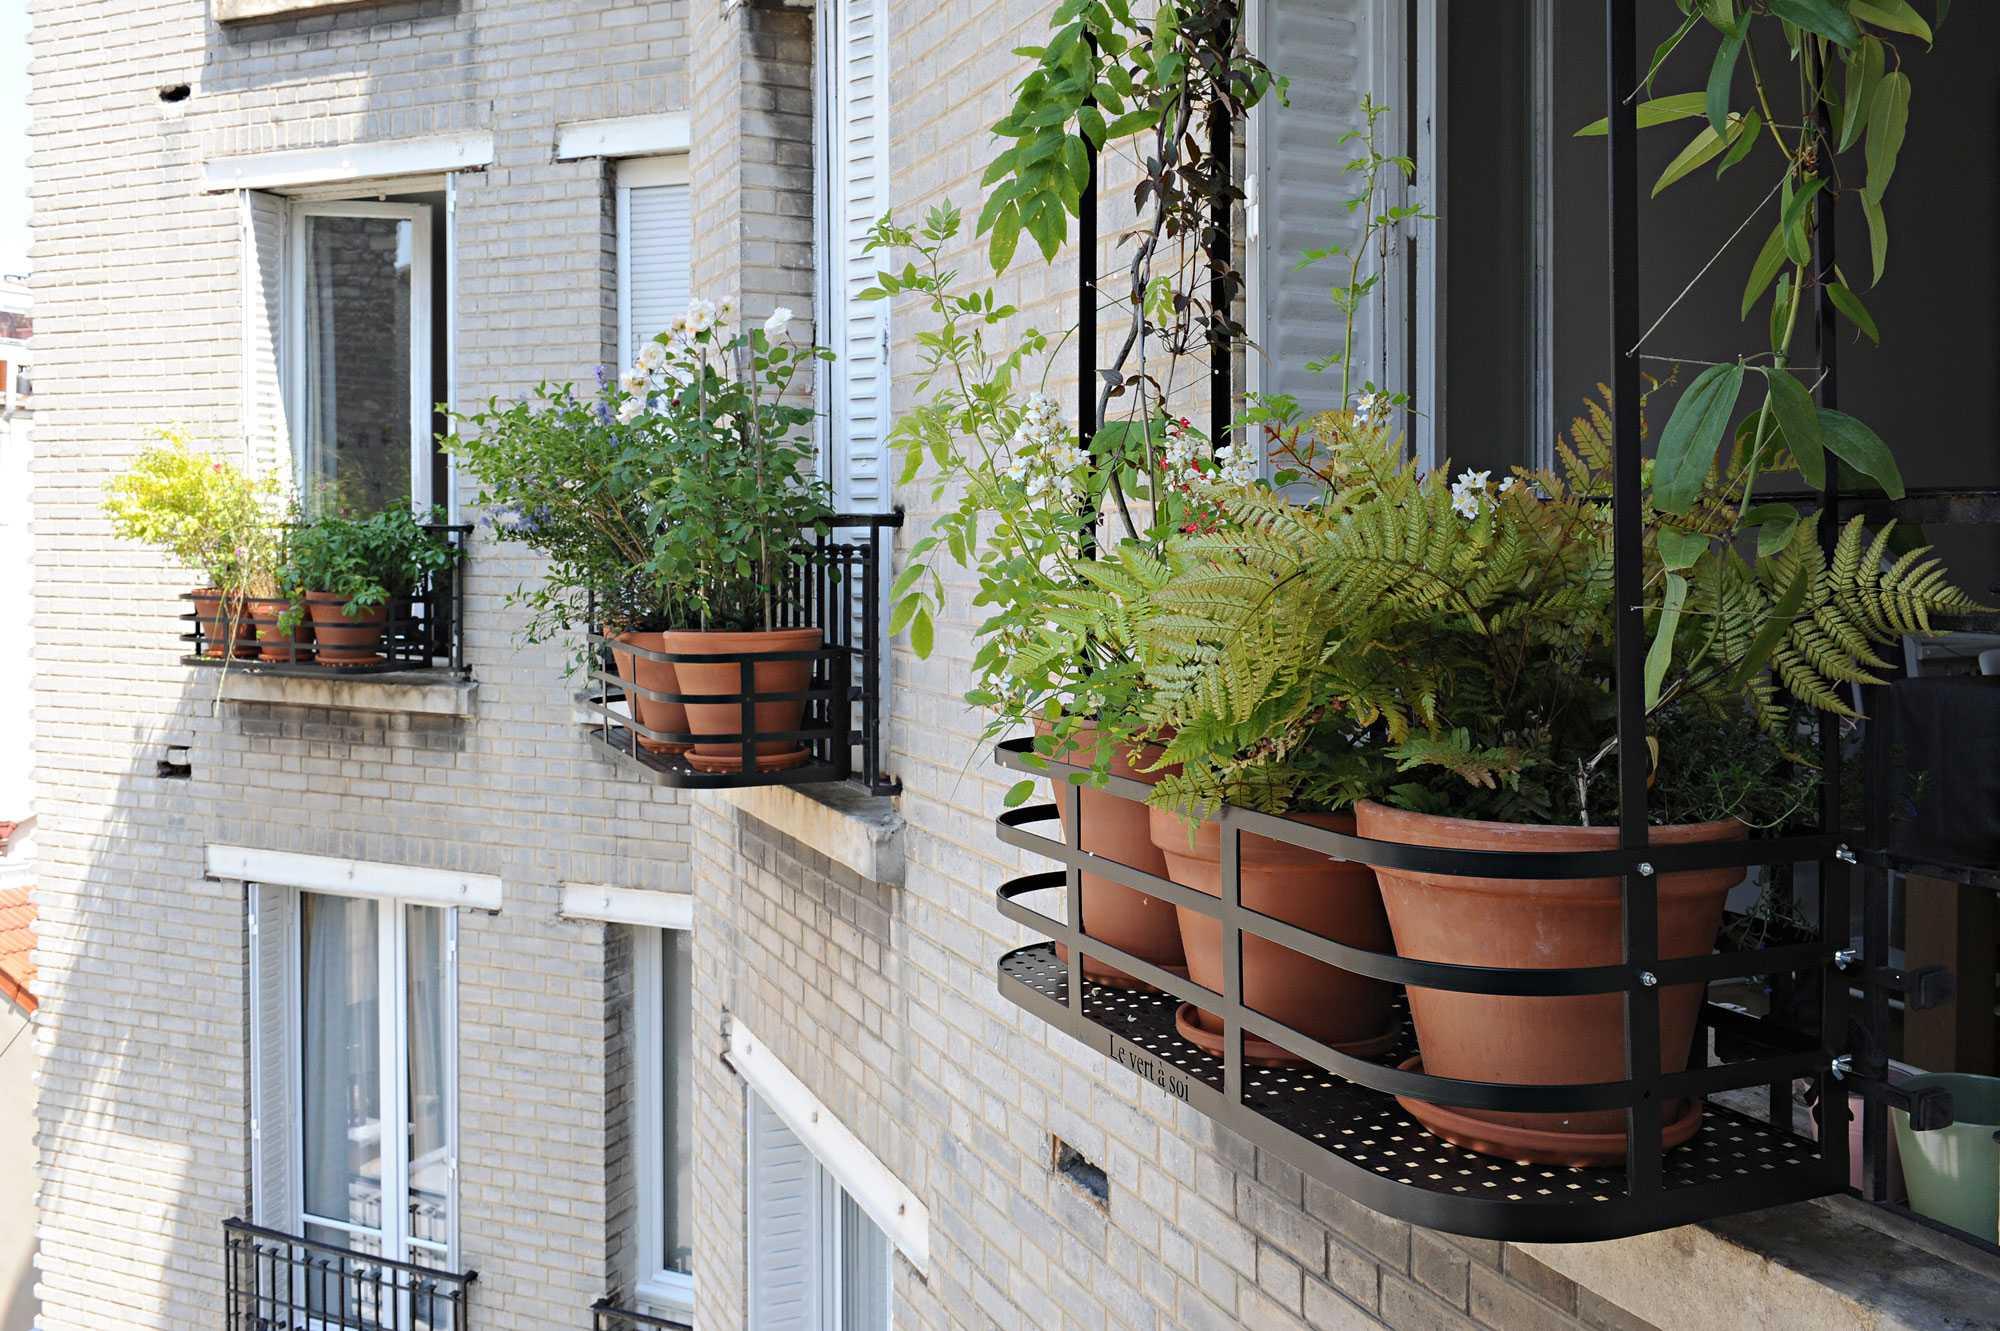 rue du g n ral beuret le vert soi. Black Bedroom Furniture Sets. Home Design Ideas